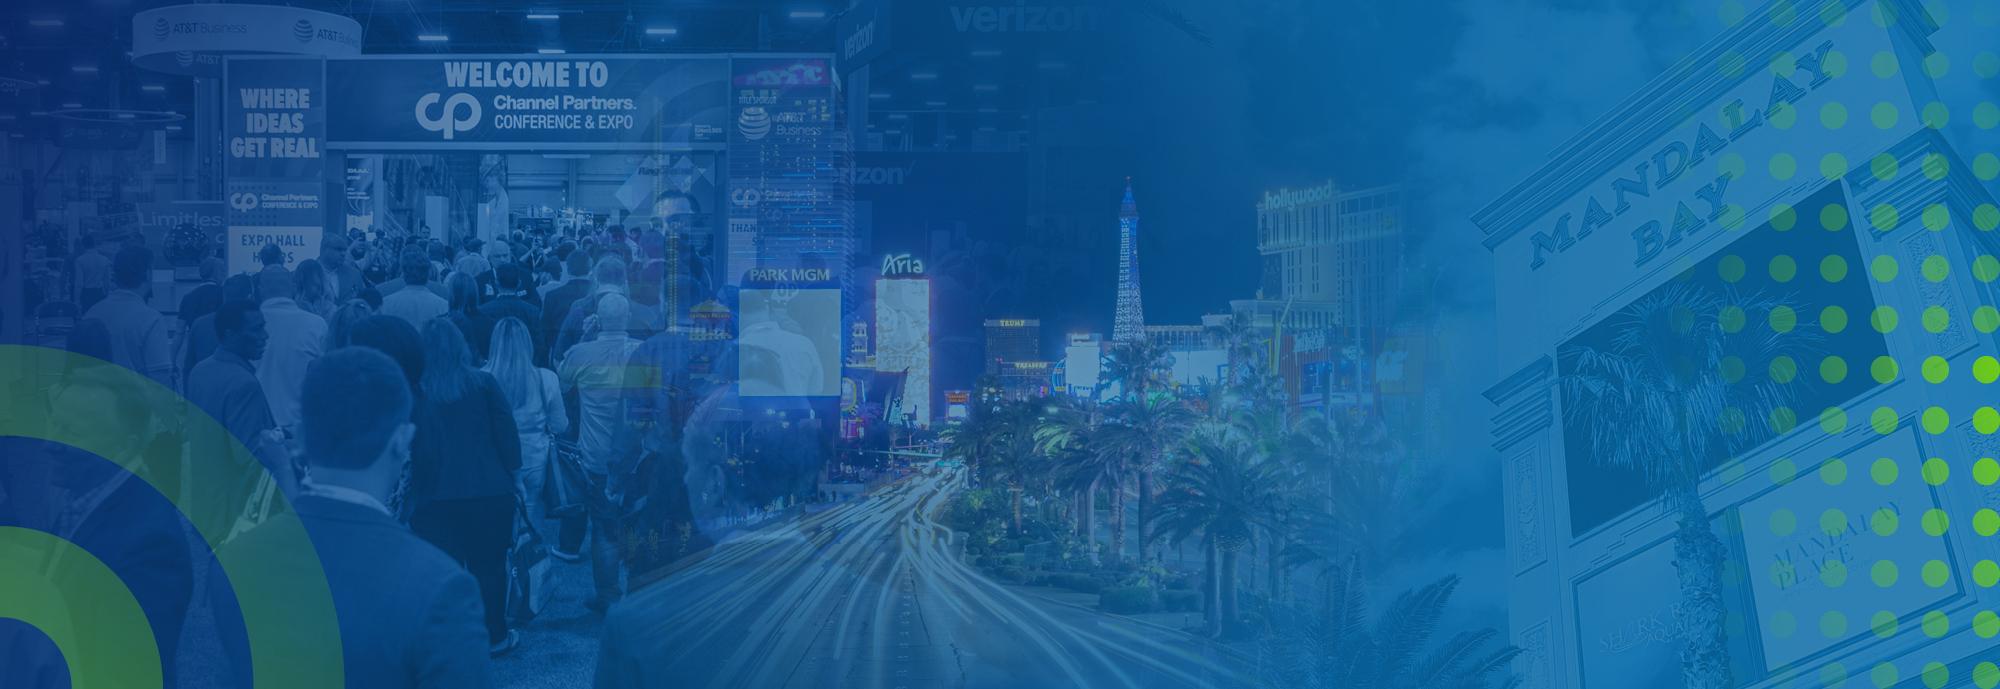 Channel Partners in Vegas!